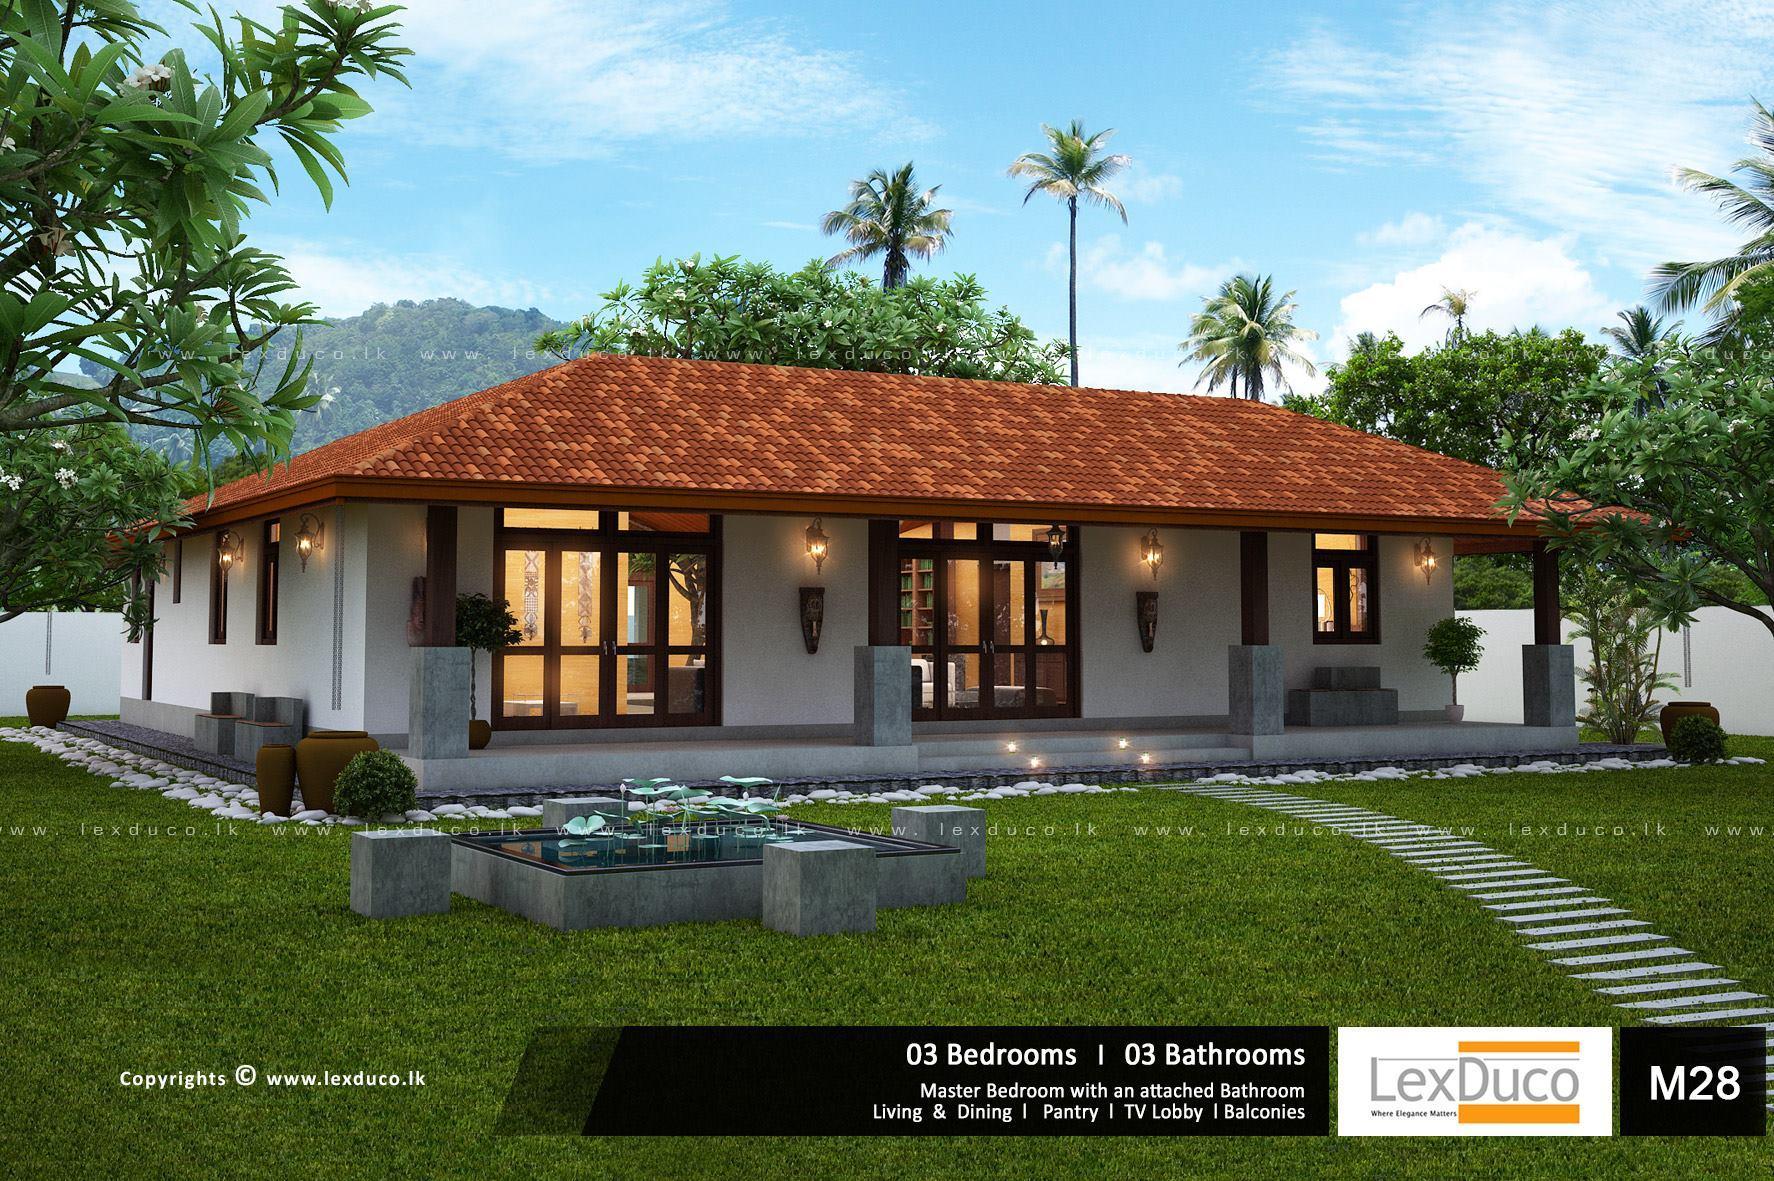 #1 House Builders in Sri Lanka | #1 Home/ House Design